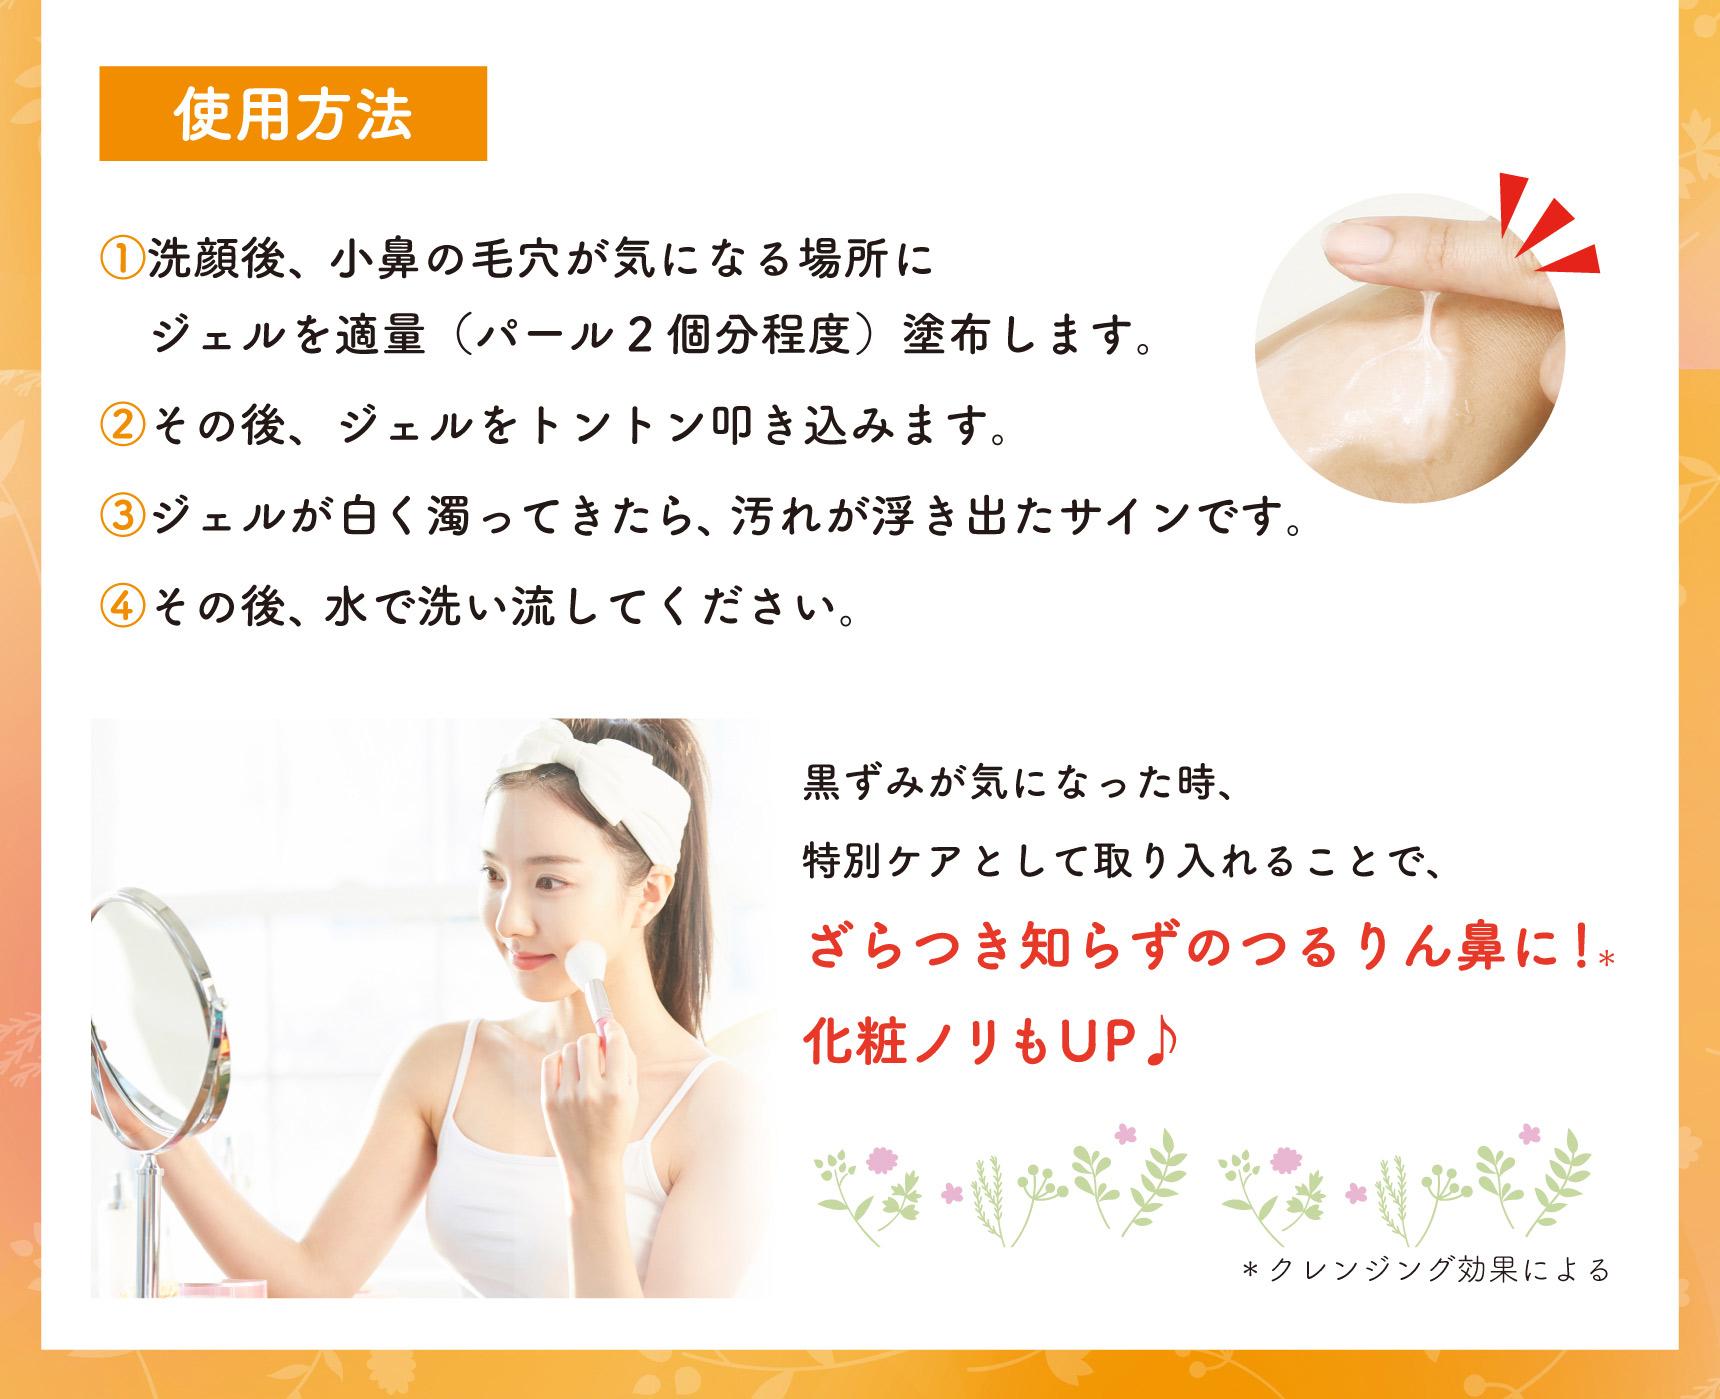 使用方法 ①洗顔後、小鼻の毛穴が気になる場所にジェルを適量(パール2個分程度)塗布します。 ②その後、ジェルをトントン叩き込みます。 ③ジェルが白く濁ってきたら、汚れが浮き出たサインです。 ④その後、水で洗い流してください。 黒ずみが気になった時、特別ケアとして取り入れることで、ざらつき知らずのつるりん鼻に!* 化粧ノリもUP♪ *クレンジング効果による